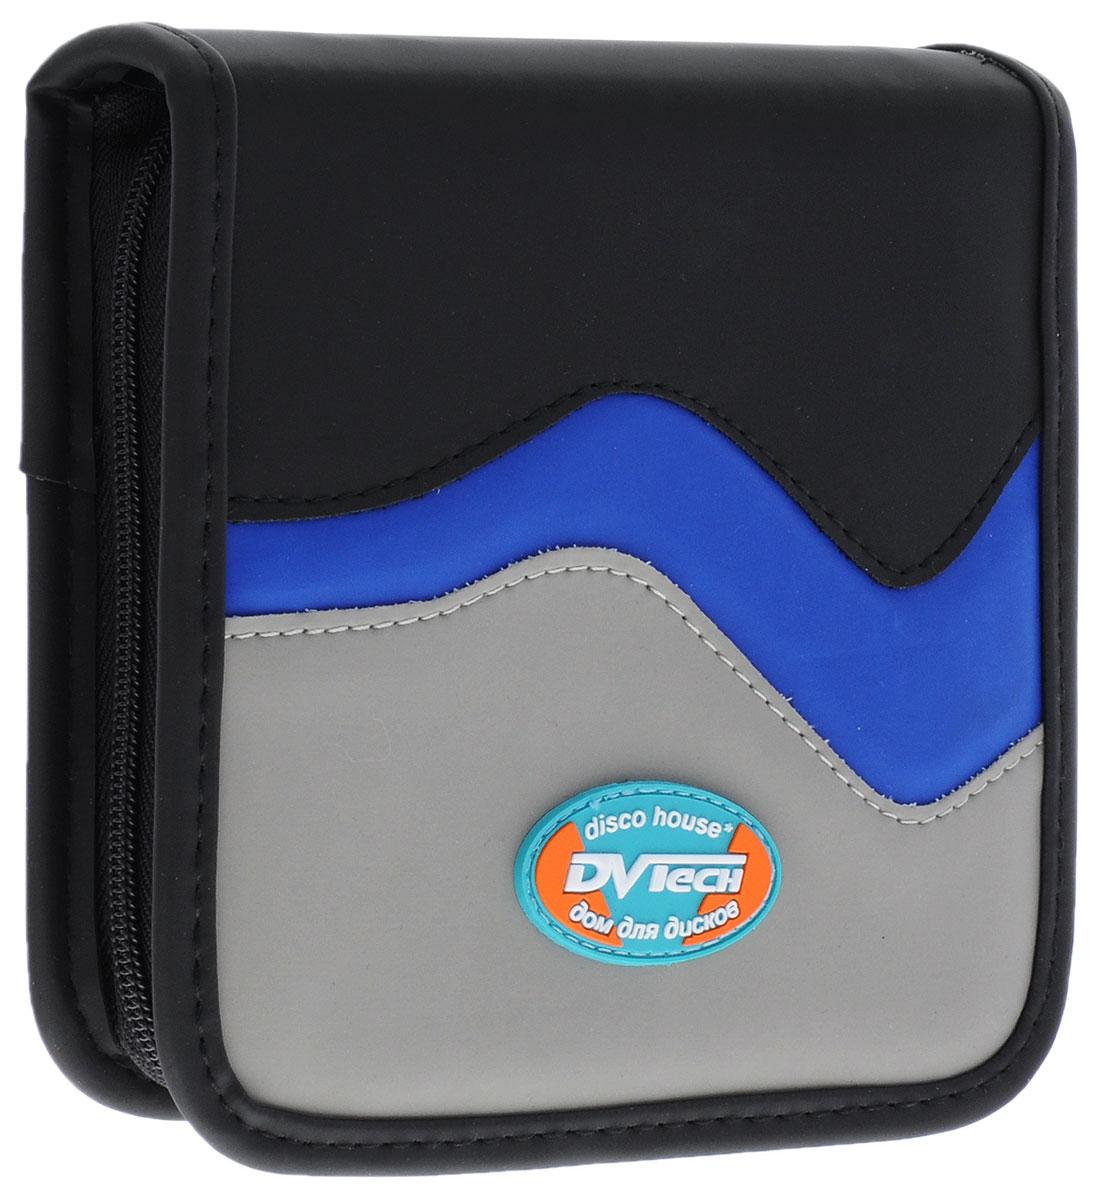 DVTech WQX-40 сумка для хранения дисков6904860991918Элегантная сумка от DVTech предназначена для хранения 40 компакт-дисков. Эта стильная сумка поможет вам в работе с компакт-дисками, ускорив навигацию и поиск в вашей библиотеке, также защитит диски от пыли и грязи, продлевая их срок жизни. Сумка включает в себя 20 двухсторонних конвертов. Твердый корпус обеспечит надежную защиту дисков. Застегивается на застежку-молнию. Для более удобного использования у сумки имеется ручка.